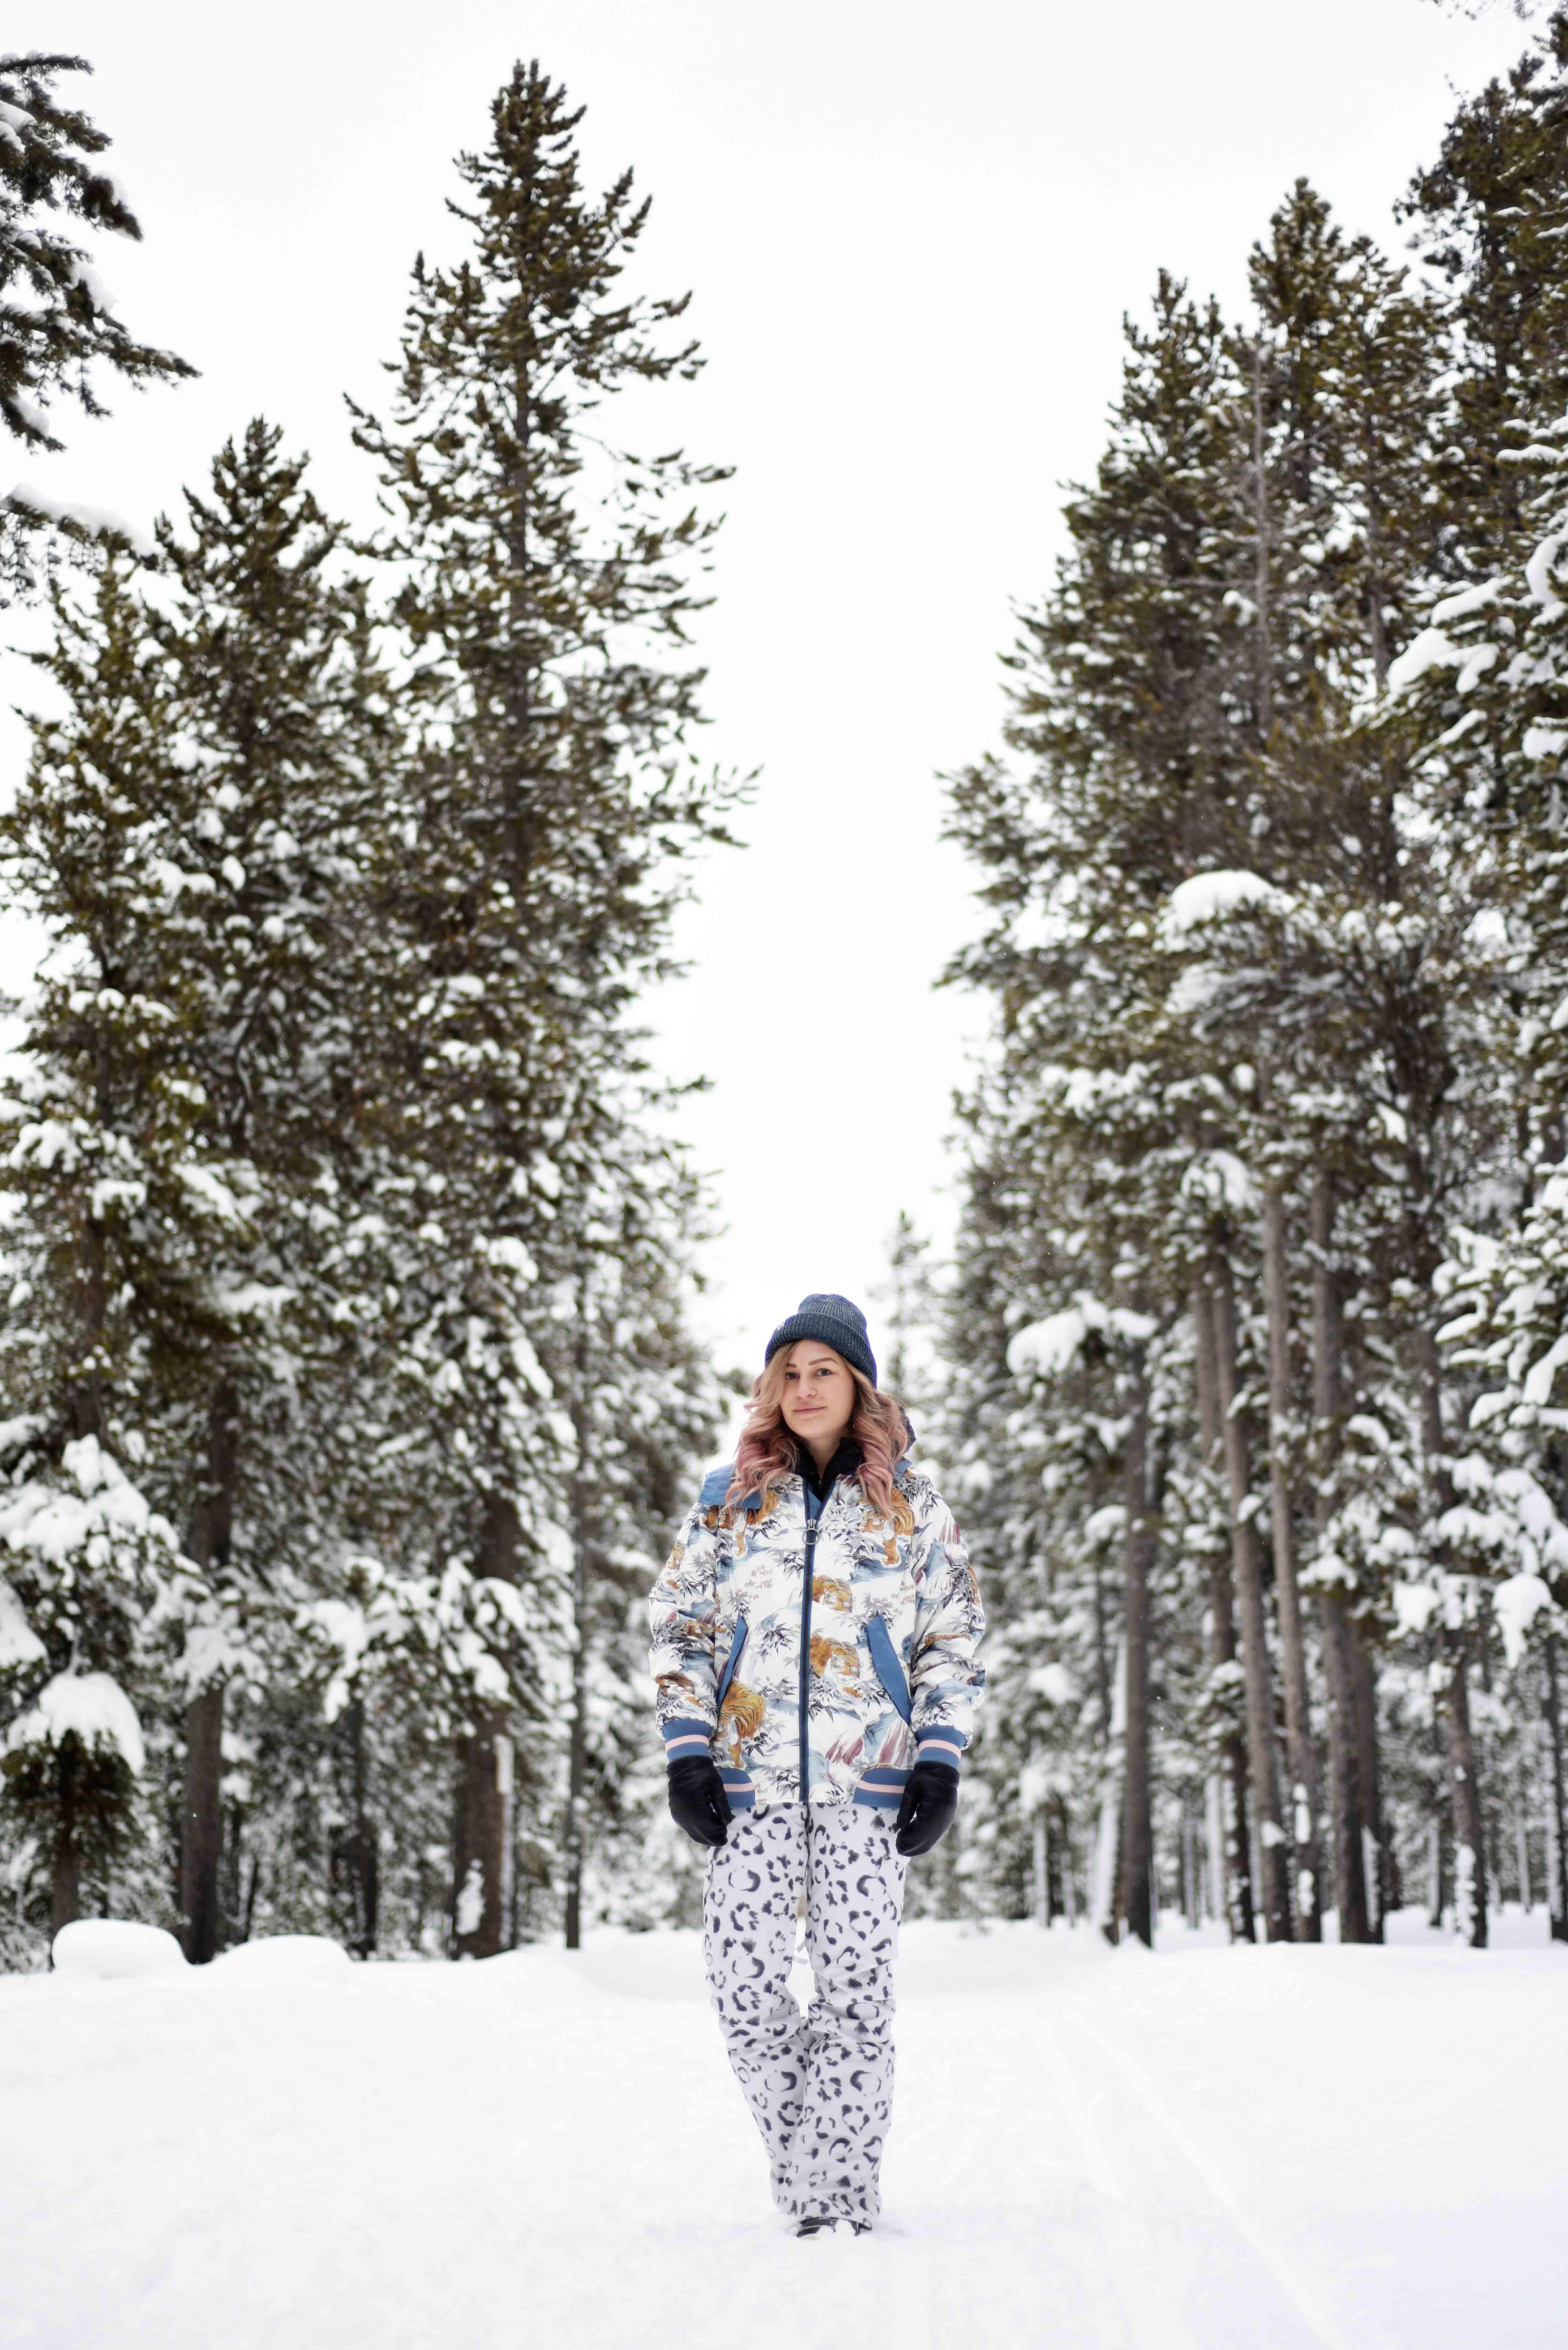 winter-style-3-ways-15